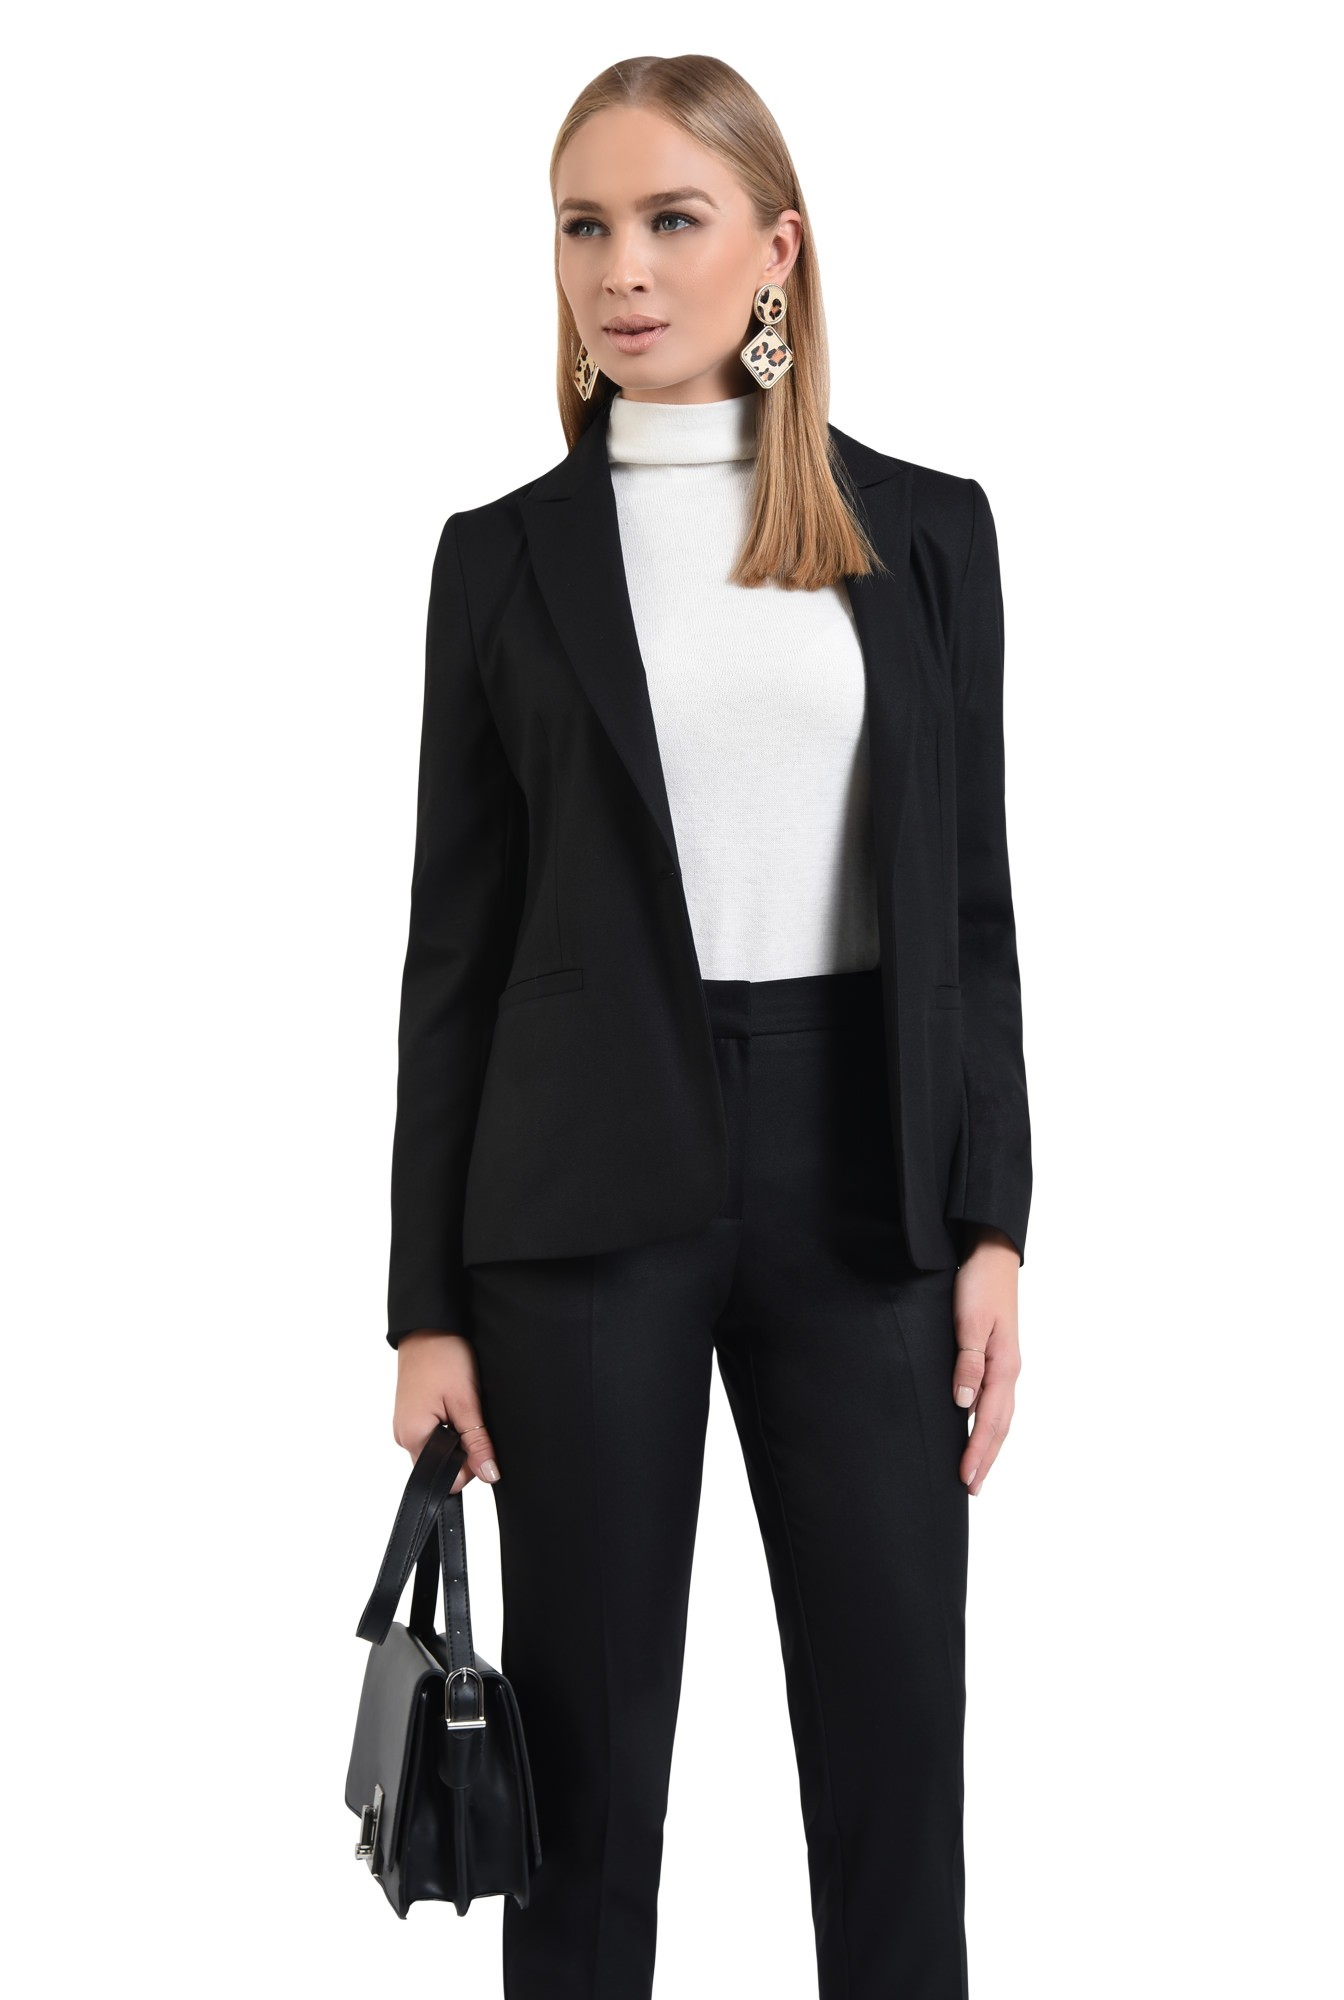 0 - pantaloni tigareta, croi conic, office